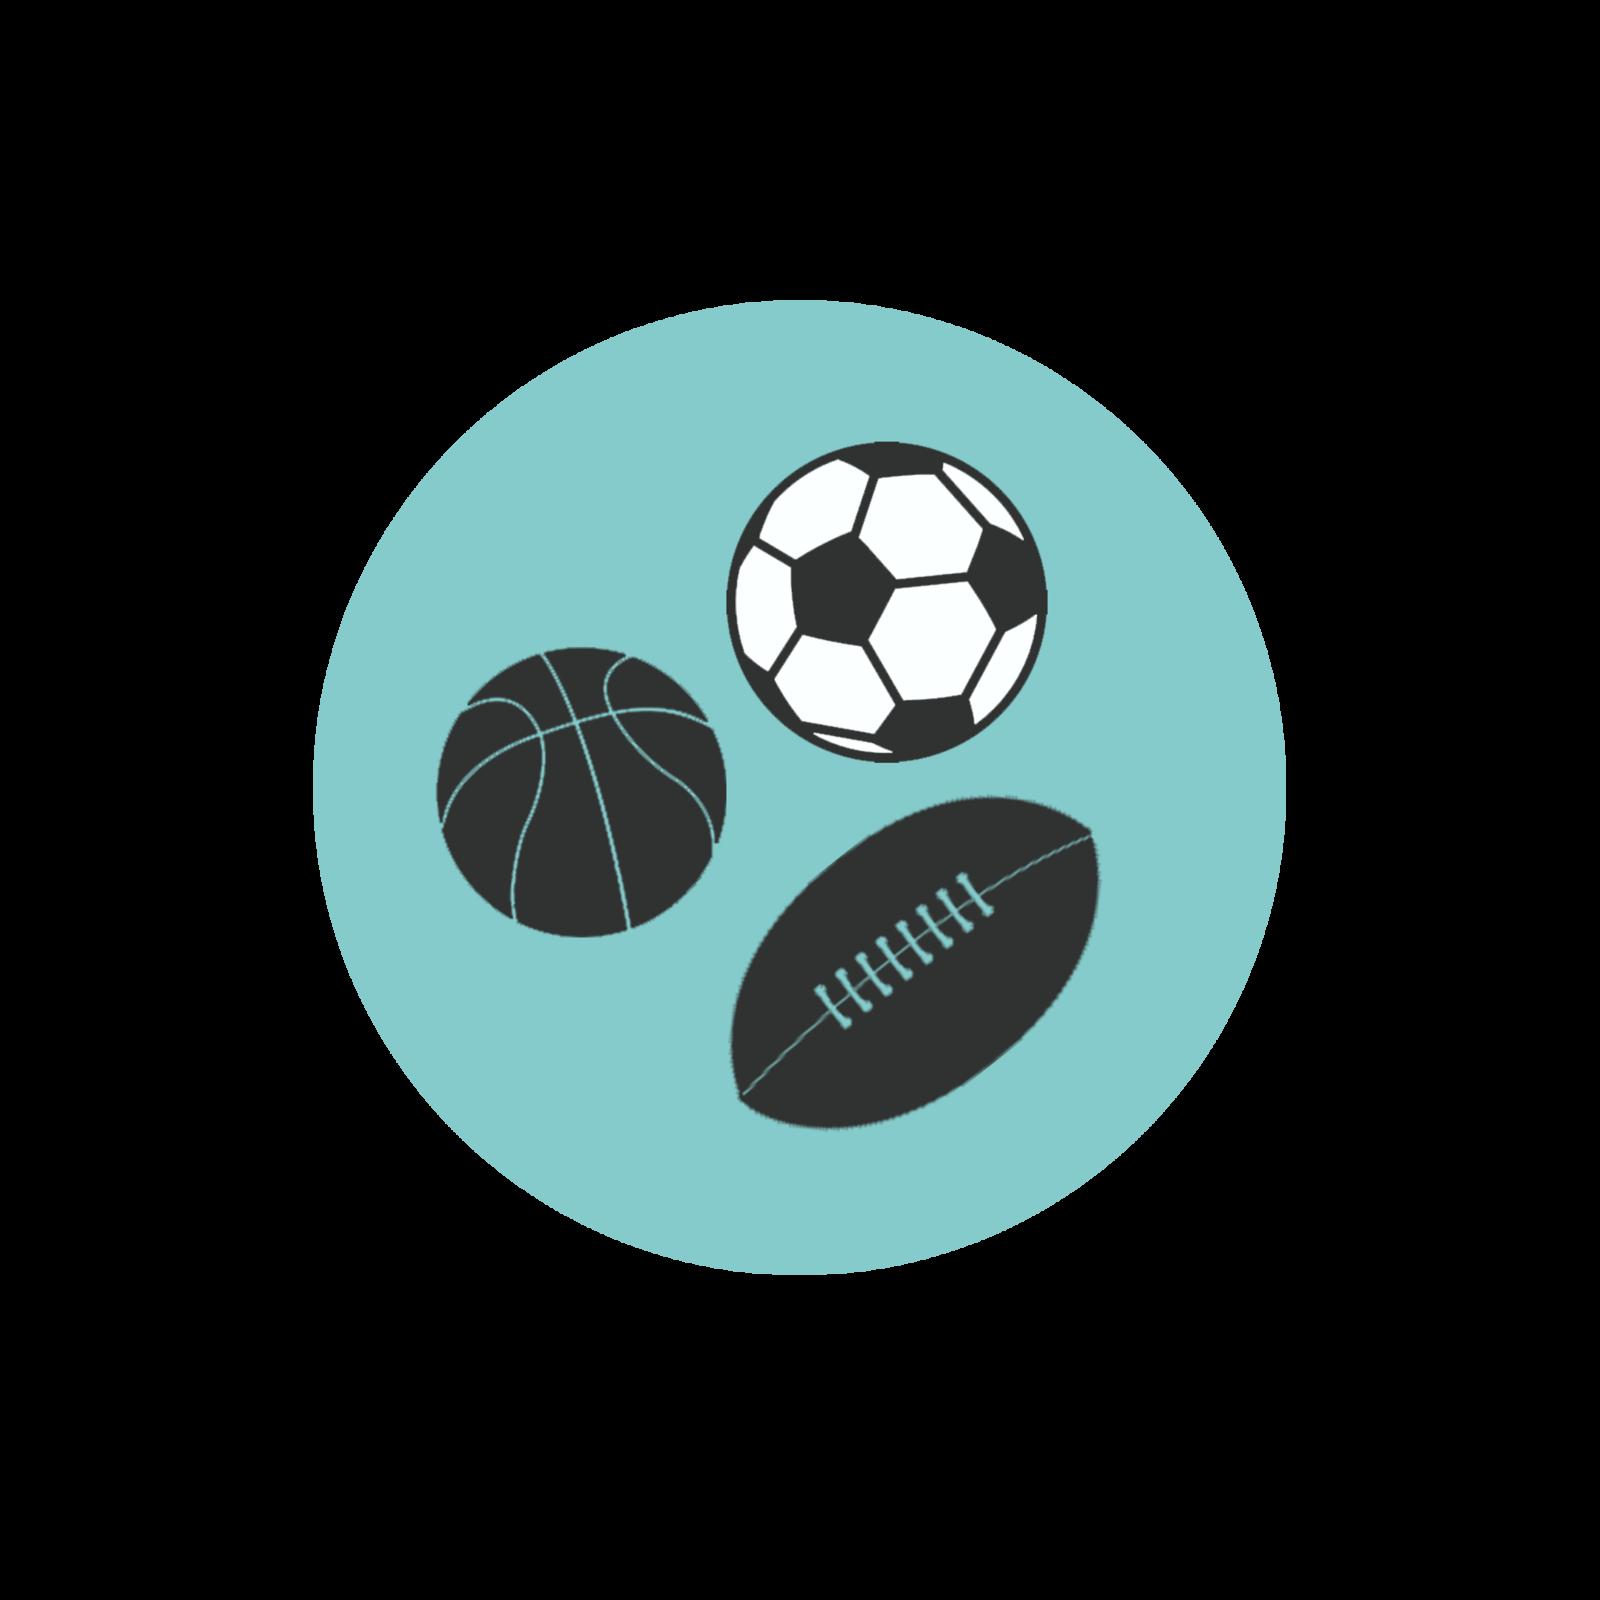 La Ligue de football propose des places à 20 euros pour les matches de Ligue 1, via vente-privee.